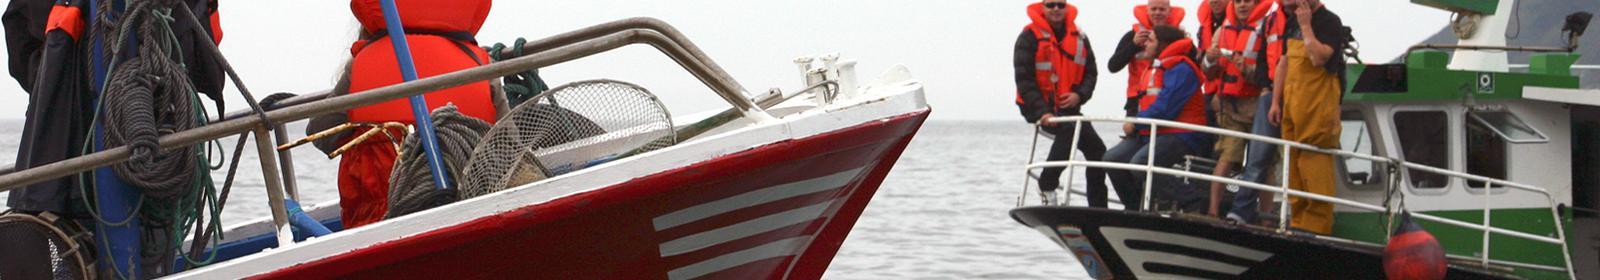 Embarques en pesqueros